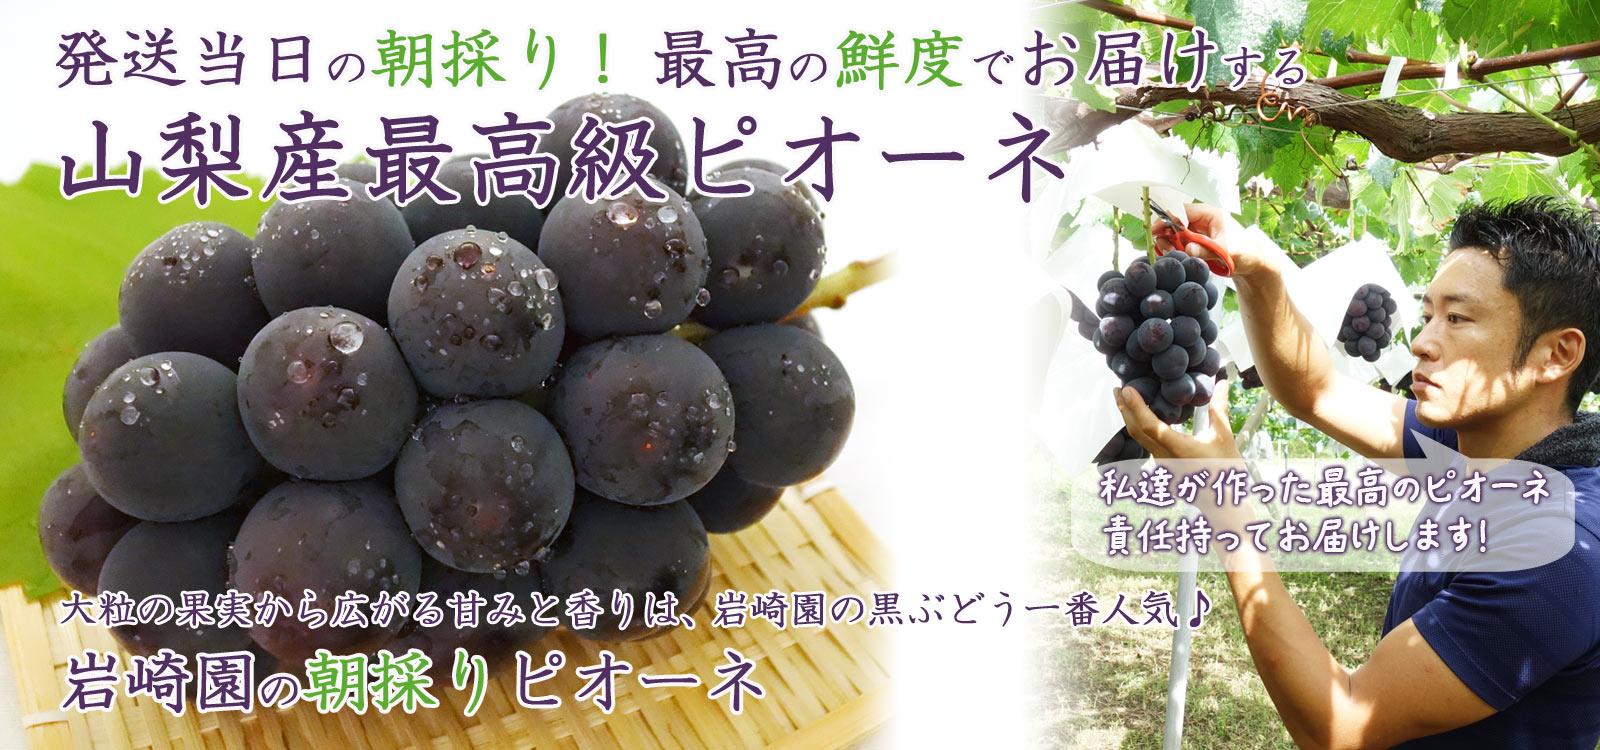 大粒の果実から広がる甘みと香りは、岩崎園の黒ぶどう1番人気♪岩崎園の朝採りピオーネ